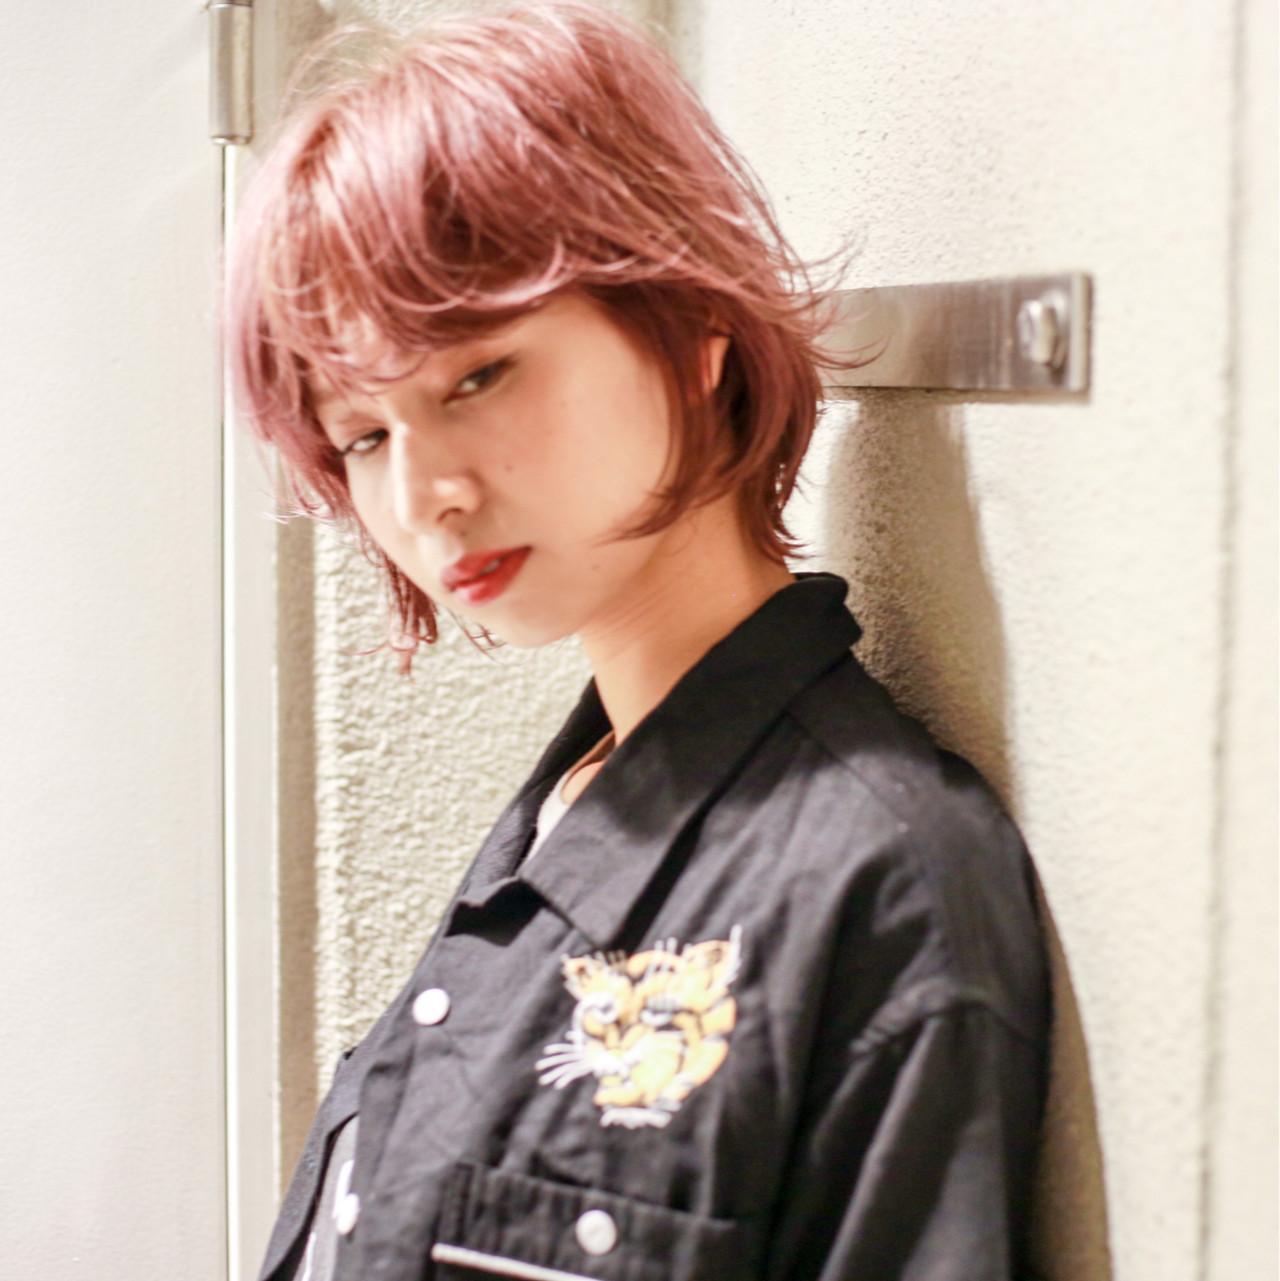 ミディアム ハイライト ウルフカット ウェットヘア ヘアスタイルや髪型の写真・画像